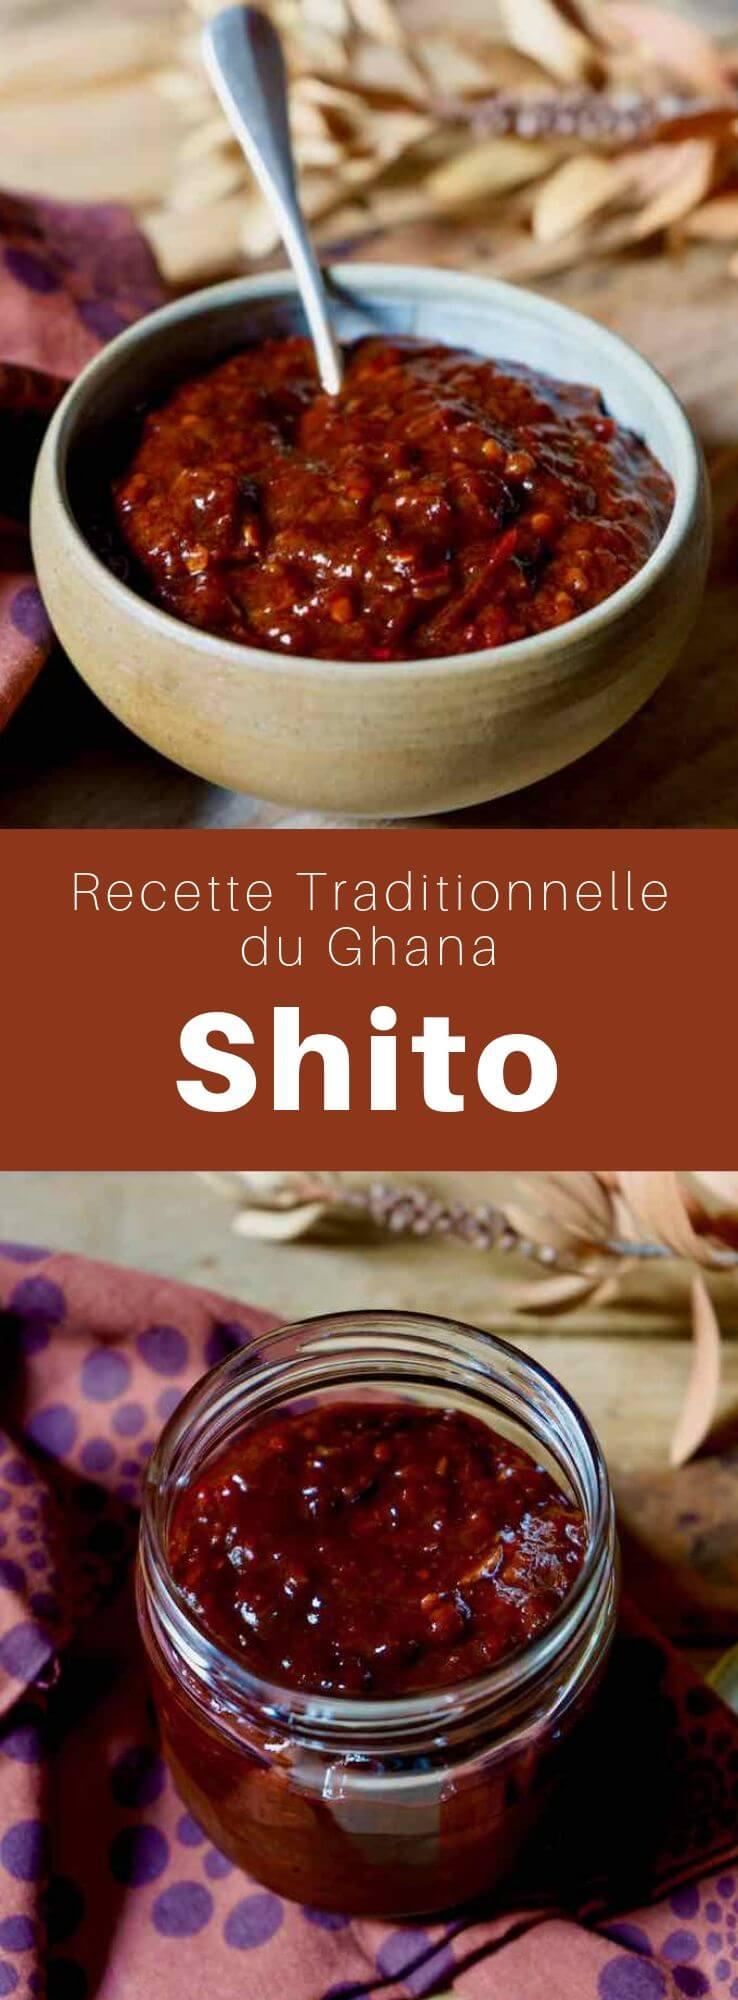 Le shito est une sauce très épicée traditionnelle du Ghana. Elle est composée de piments, et accompagne de nombreux mets, particulièrement le poisson. #Ghana #Afrique #AfriqueDeLouest #RecetteAfricaine #CuisineAfricaine #CuisineDuMonde #196flavors